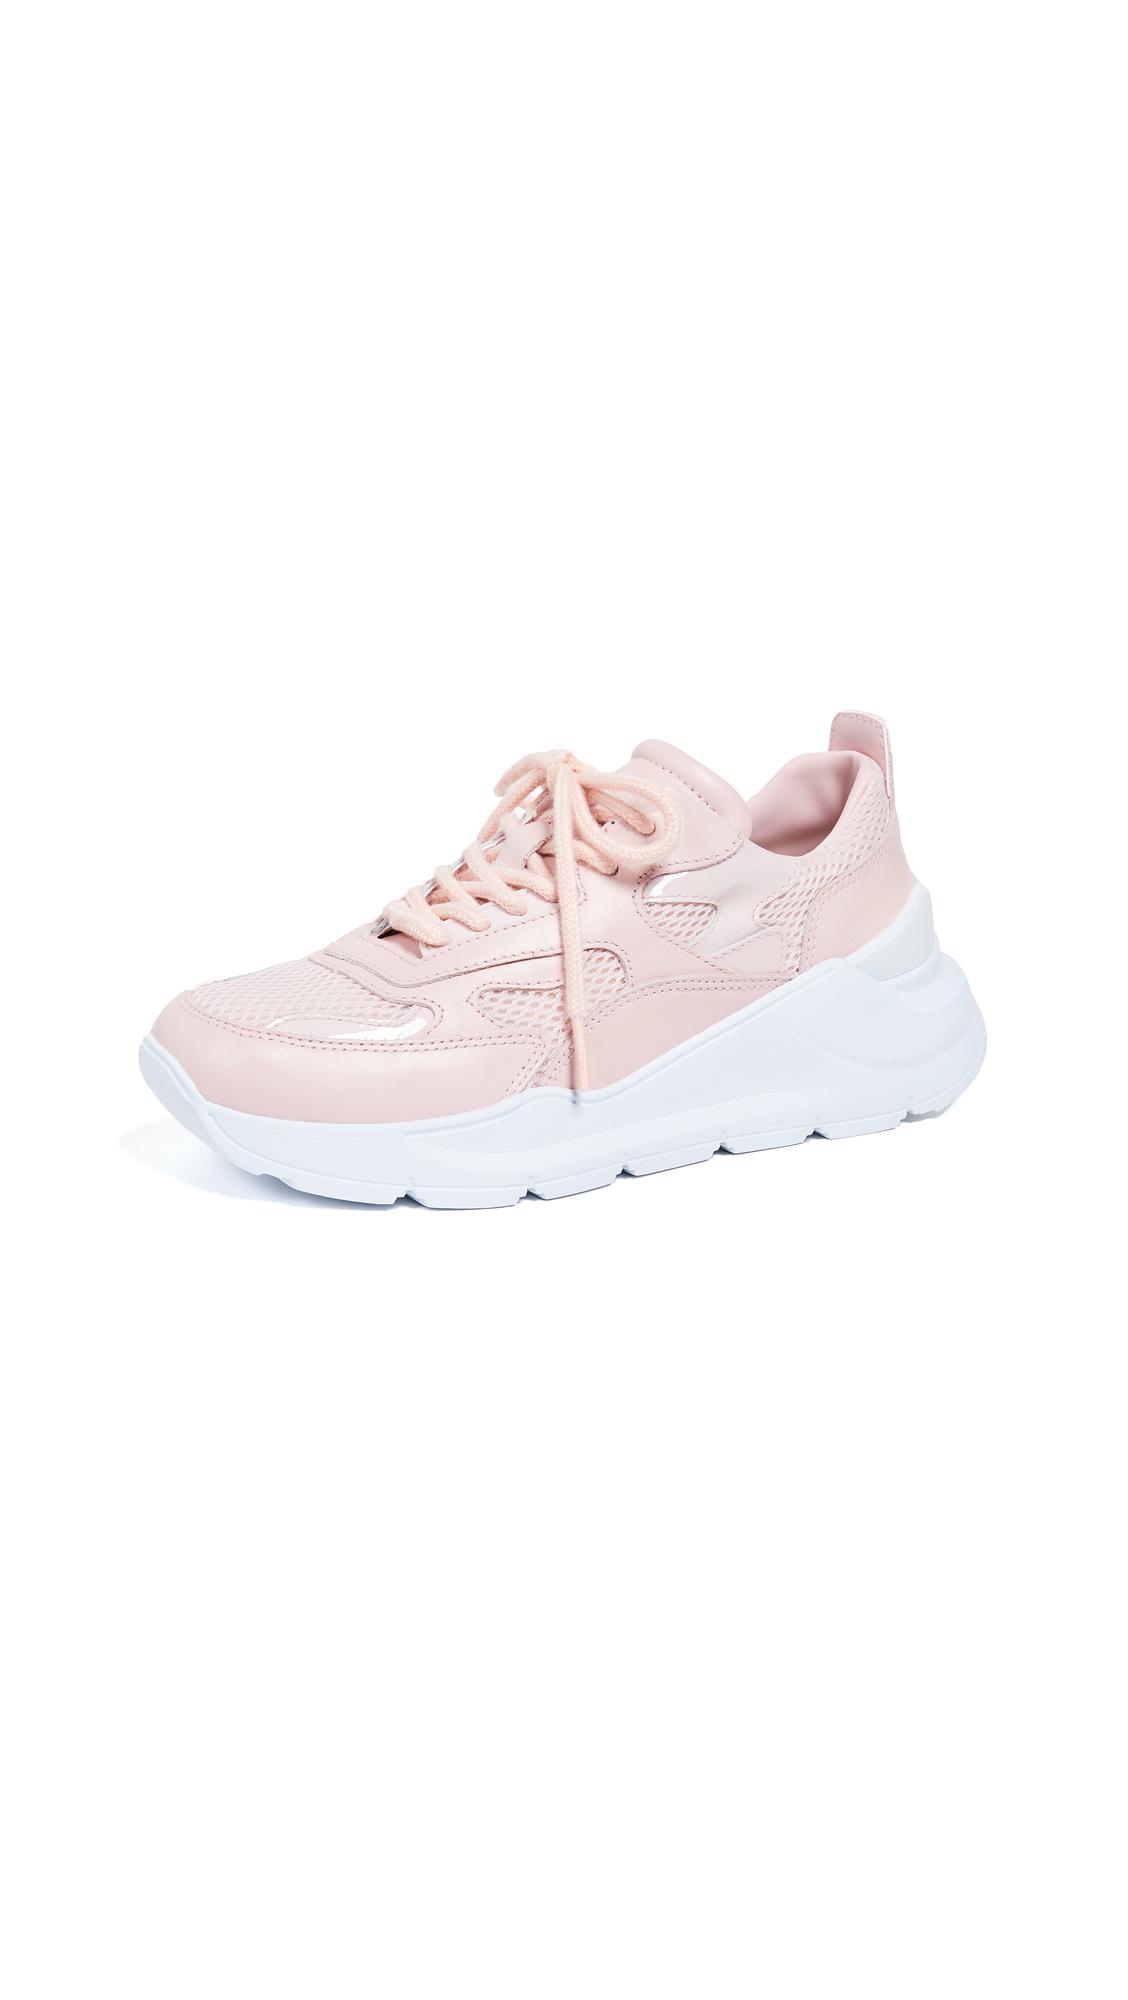 D.A.T.E. Fuga Patent Sneakers